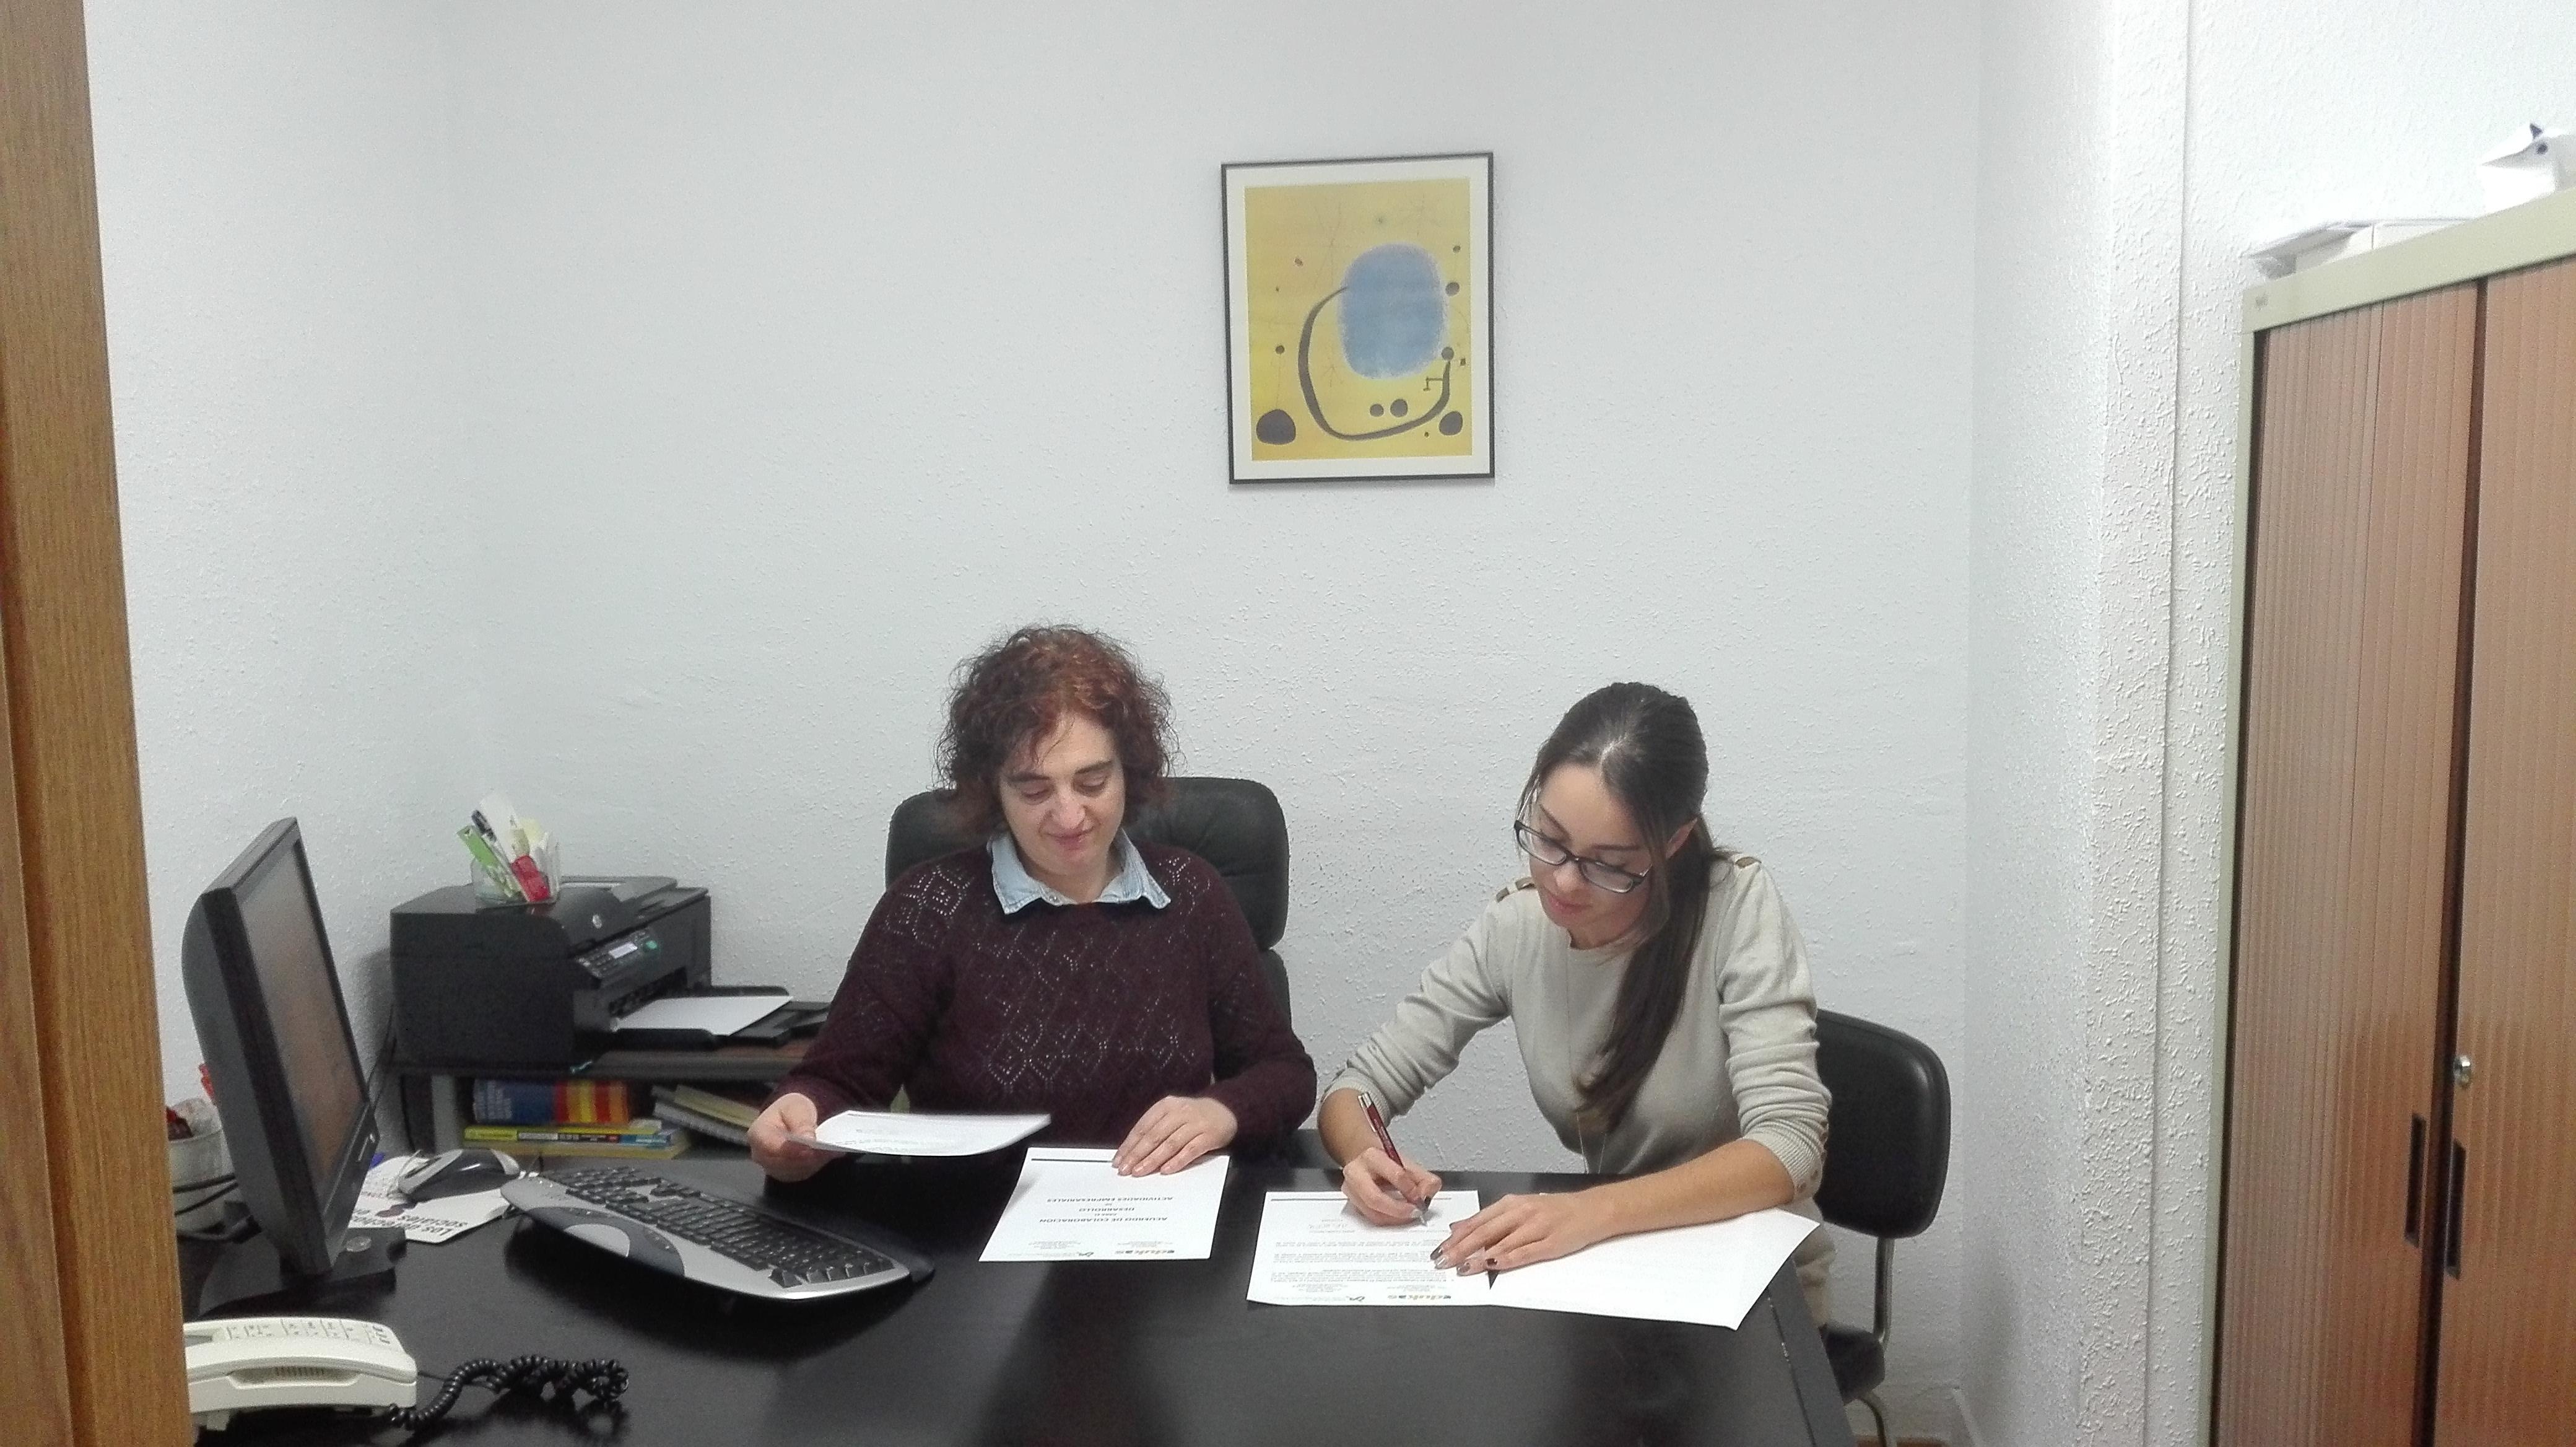 El Colegio Profesional de Trabajo Social de Salamanca y Zamora junto a Edukas Psicosocial, firma un convenio empresarial por el desarrollo del Trabajo Social